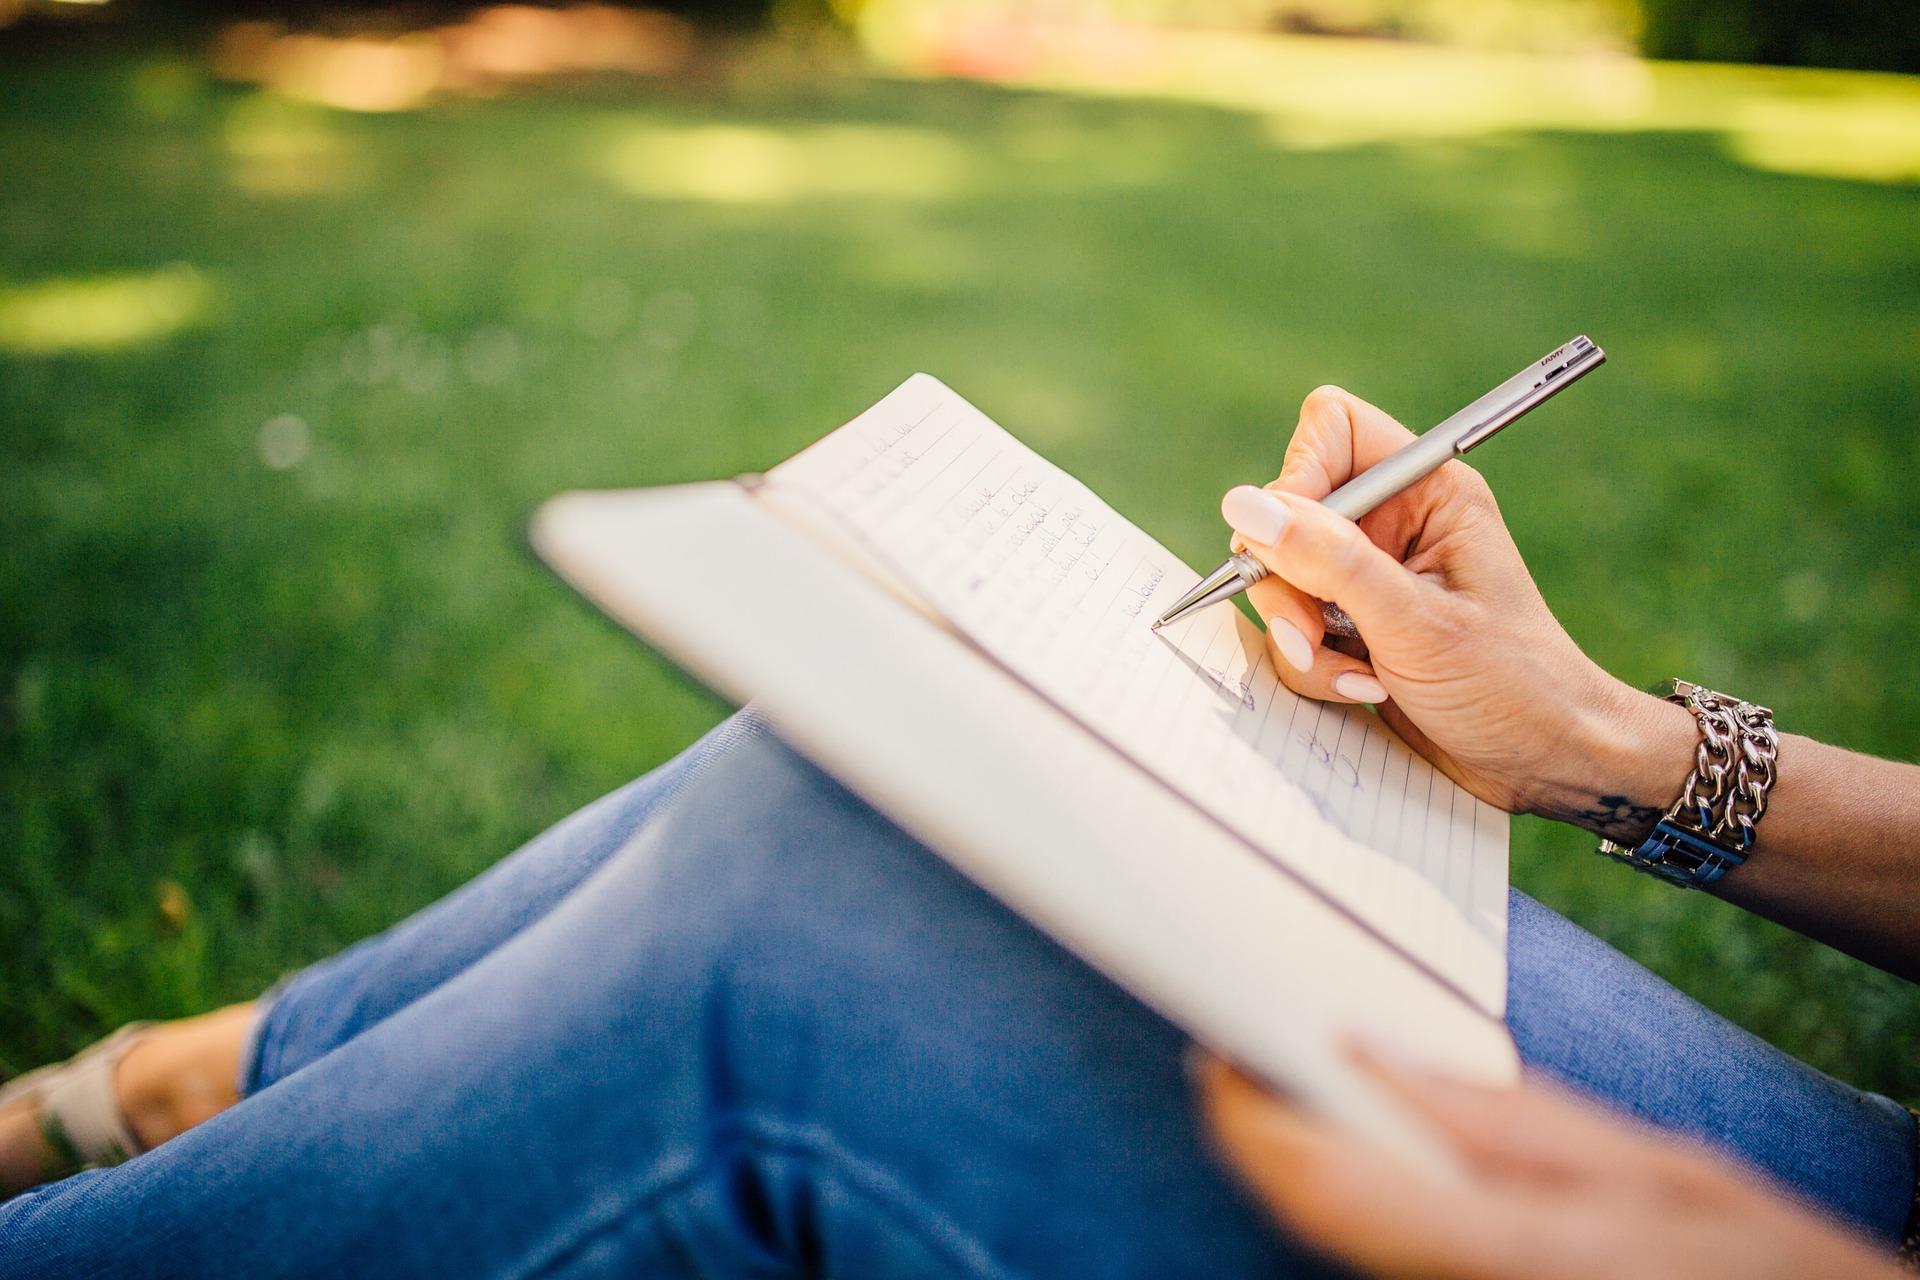 Копирайтинг, авторские тексты на заказ, профессиональные копирайтеры, услуги по написанию уникальных текстов